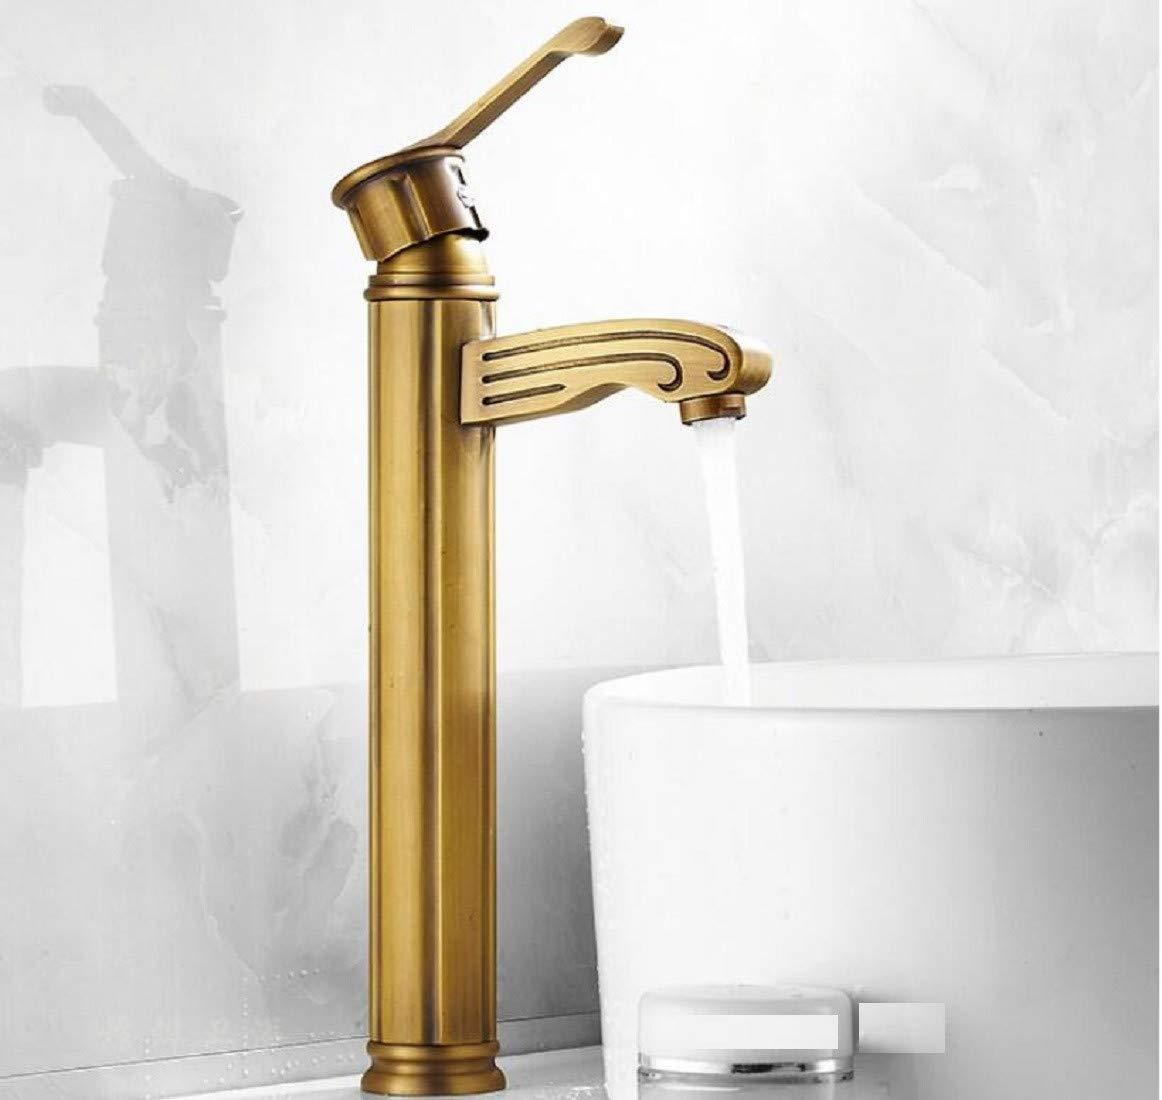 Wasserhahn bad Waschtischarmatur antike becken bad antikes bad becken kalten und warmen einzigen kalten wasserhahn.